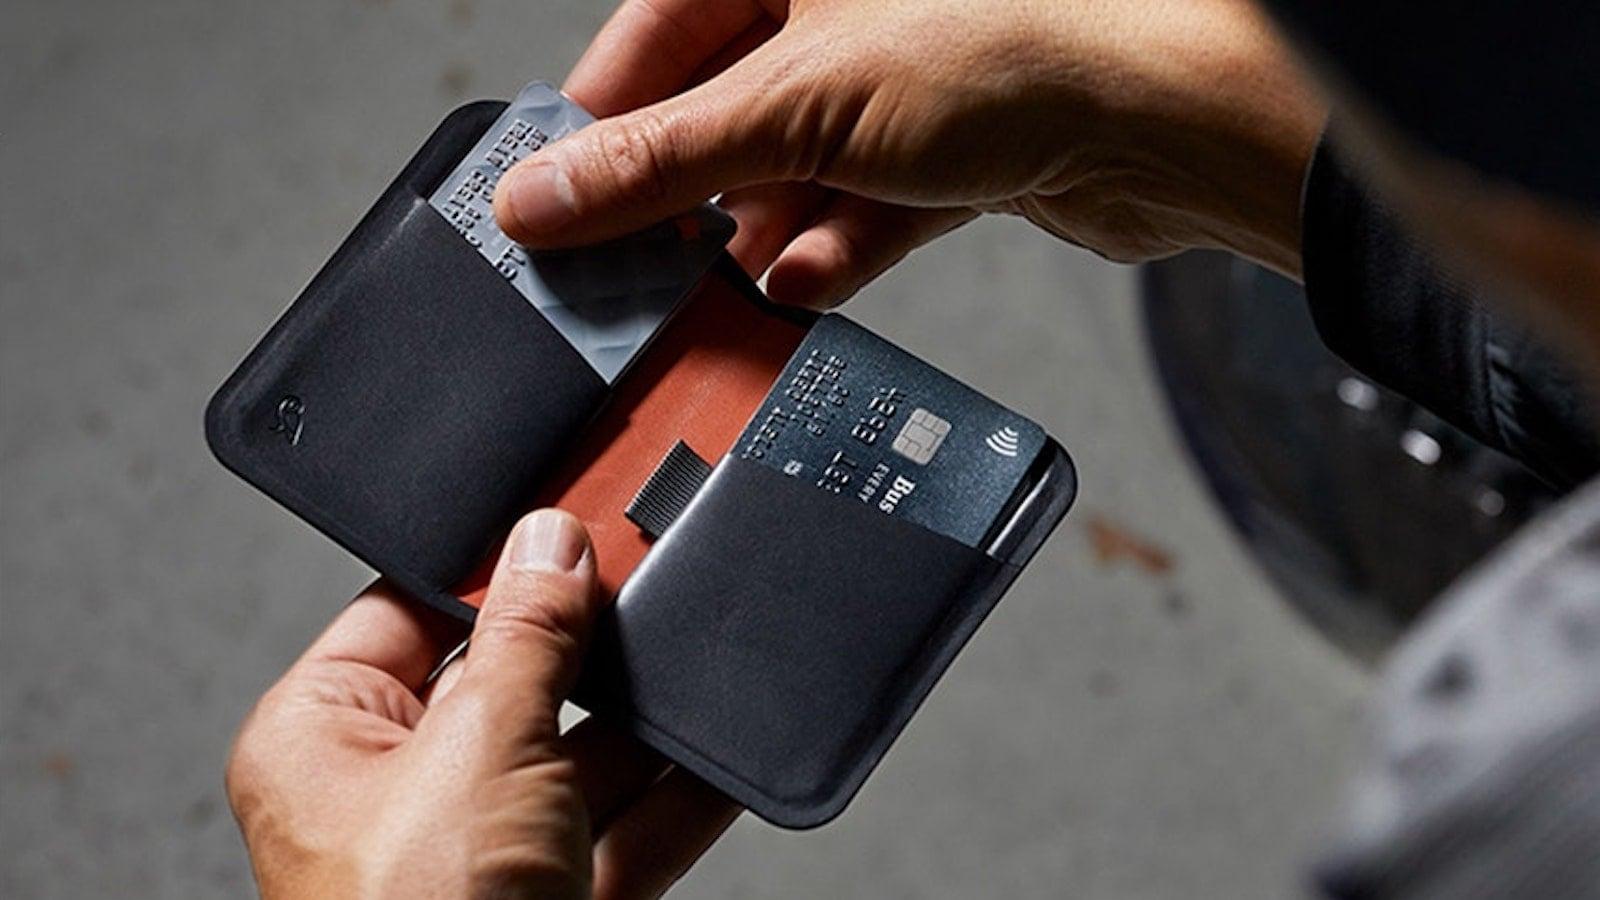 Bellroy Apex Slim Sleeve Sleek Wallet